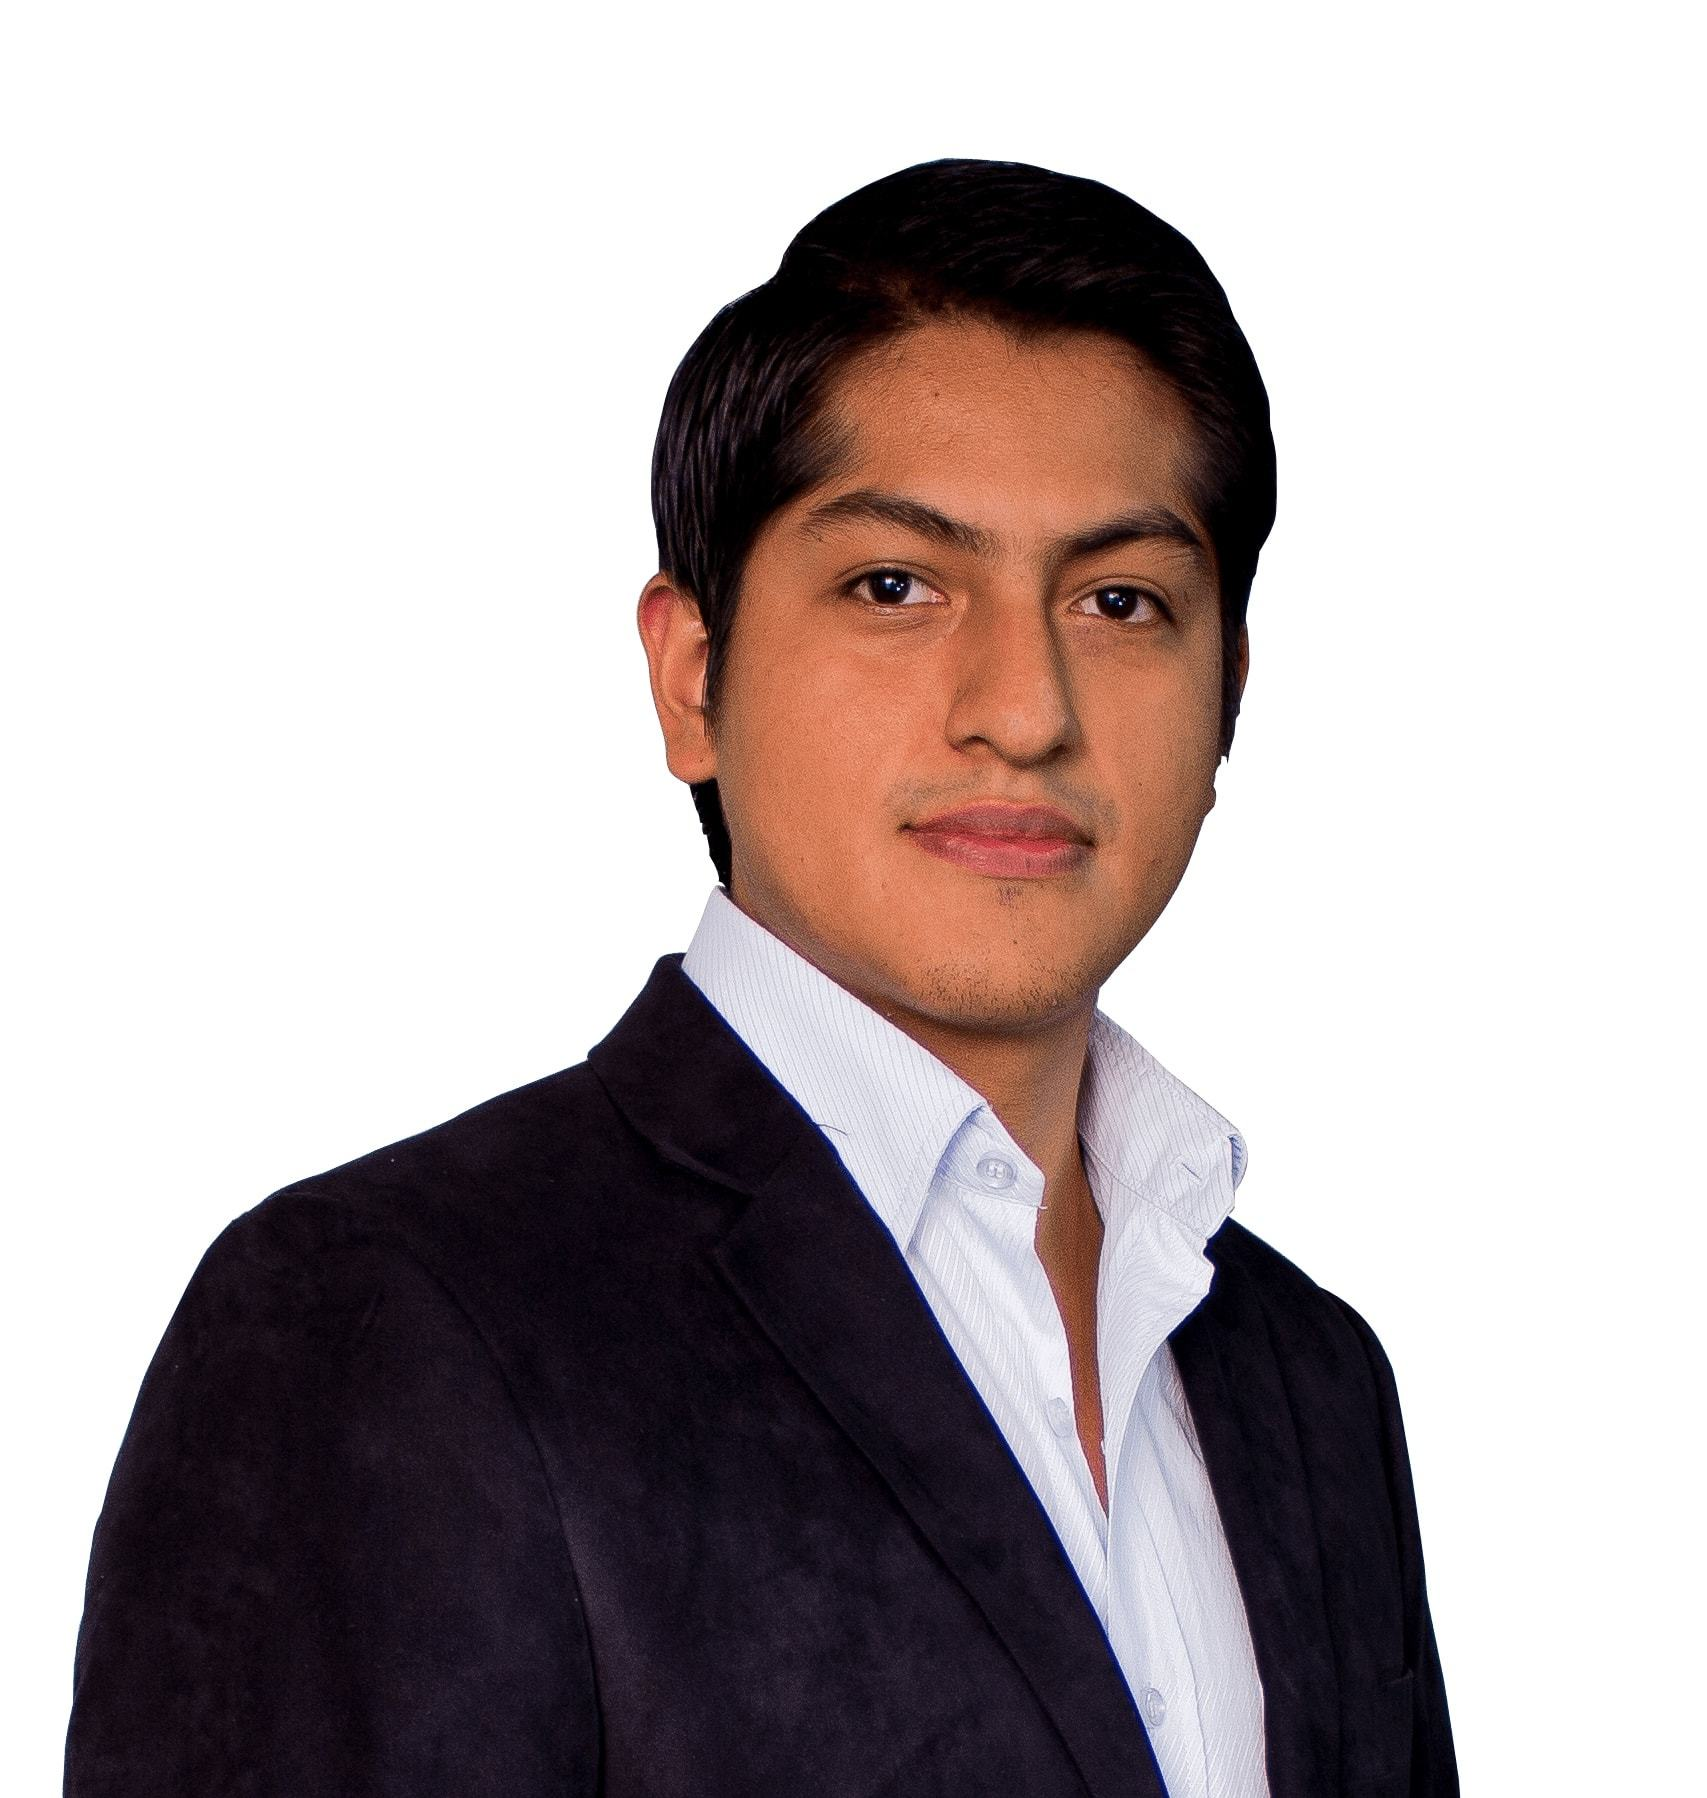 Fernando Salazar Arias